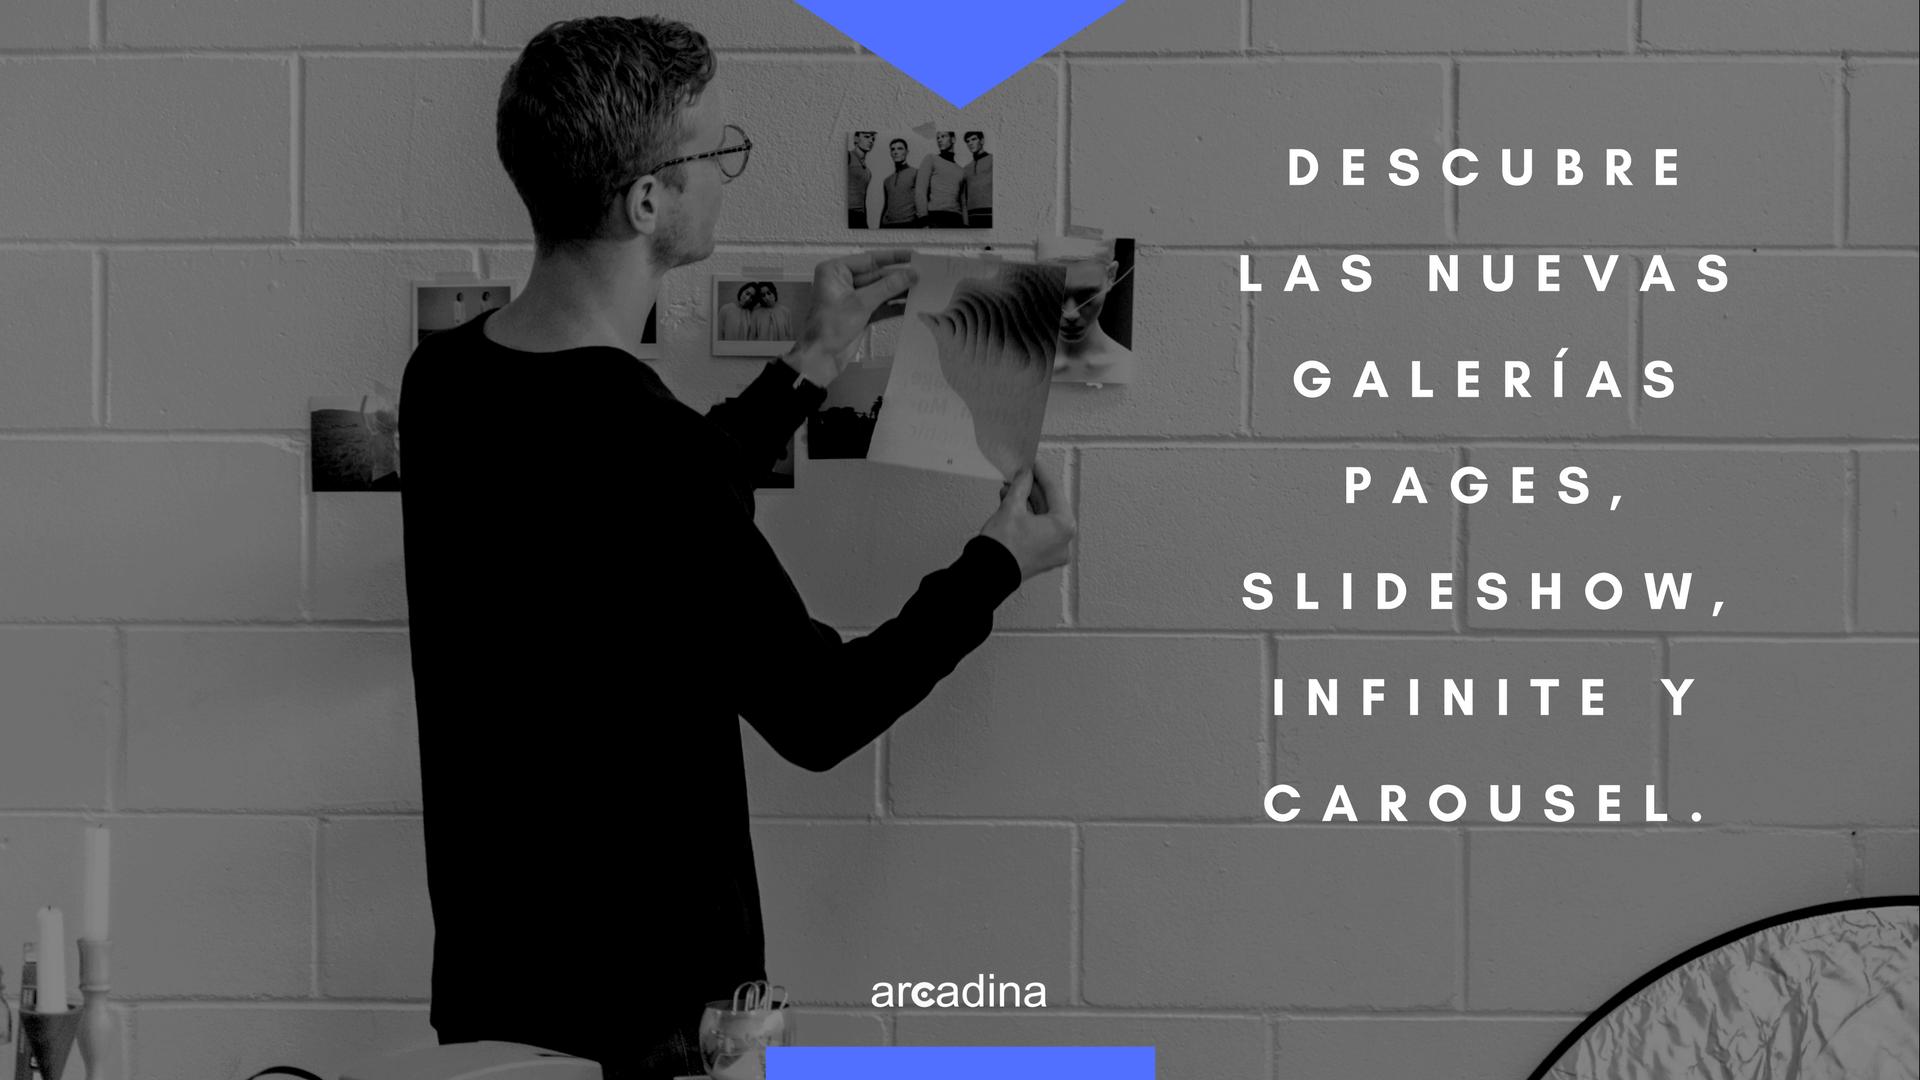 Descubre las nuevas galerías de fotos y vídeos Pages, Slideshow, Infinite y Carousel